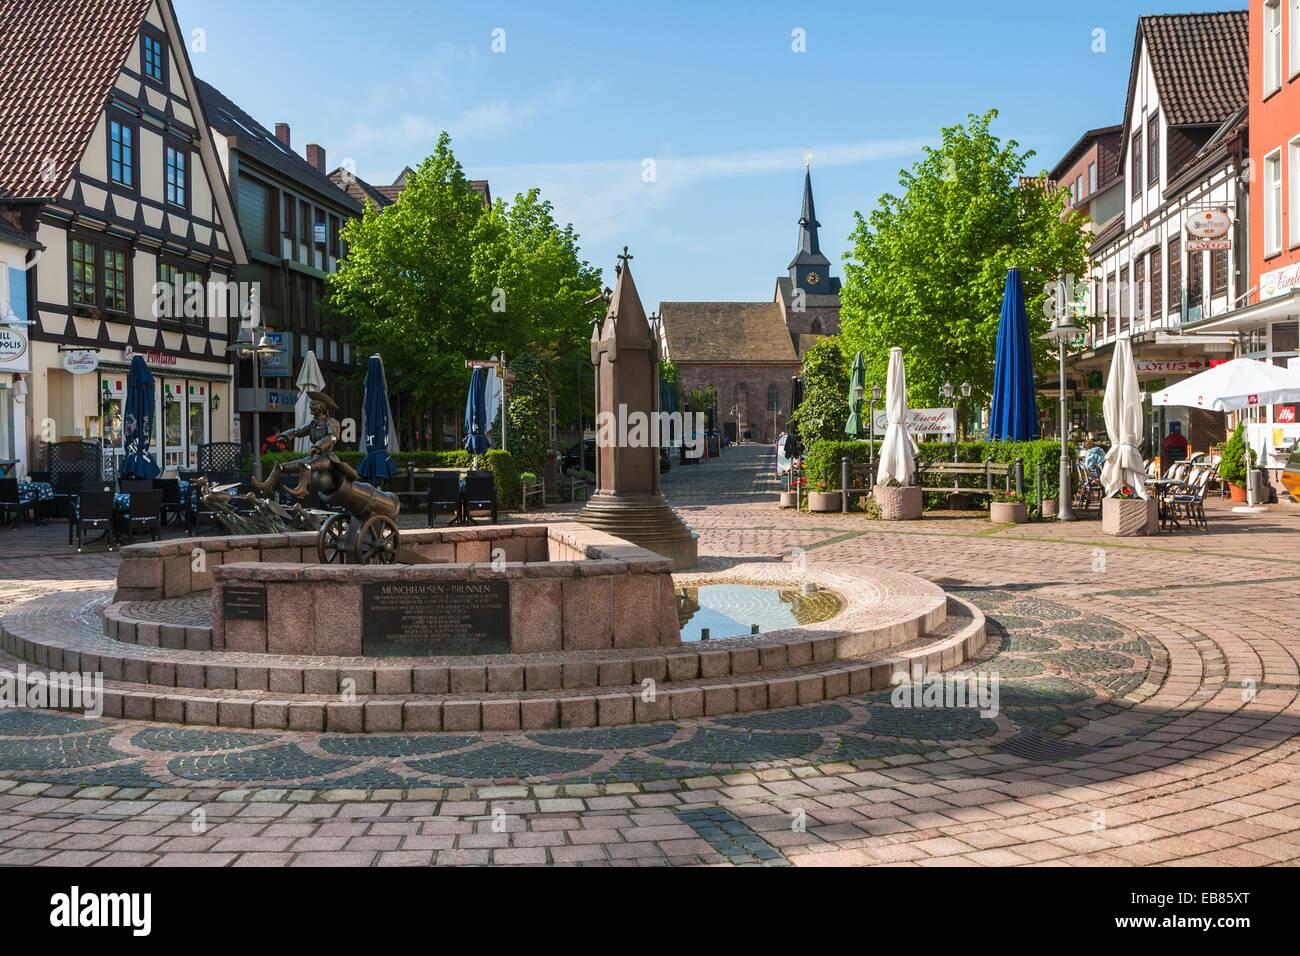 Market Square en Bodenwerder con una estatua del Barón Munchhausen en el cuento de hadas alemán Ruta, Baja Sajonia, Alemania, Europa Foto de stock